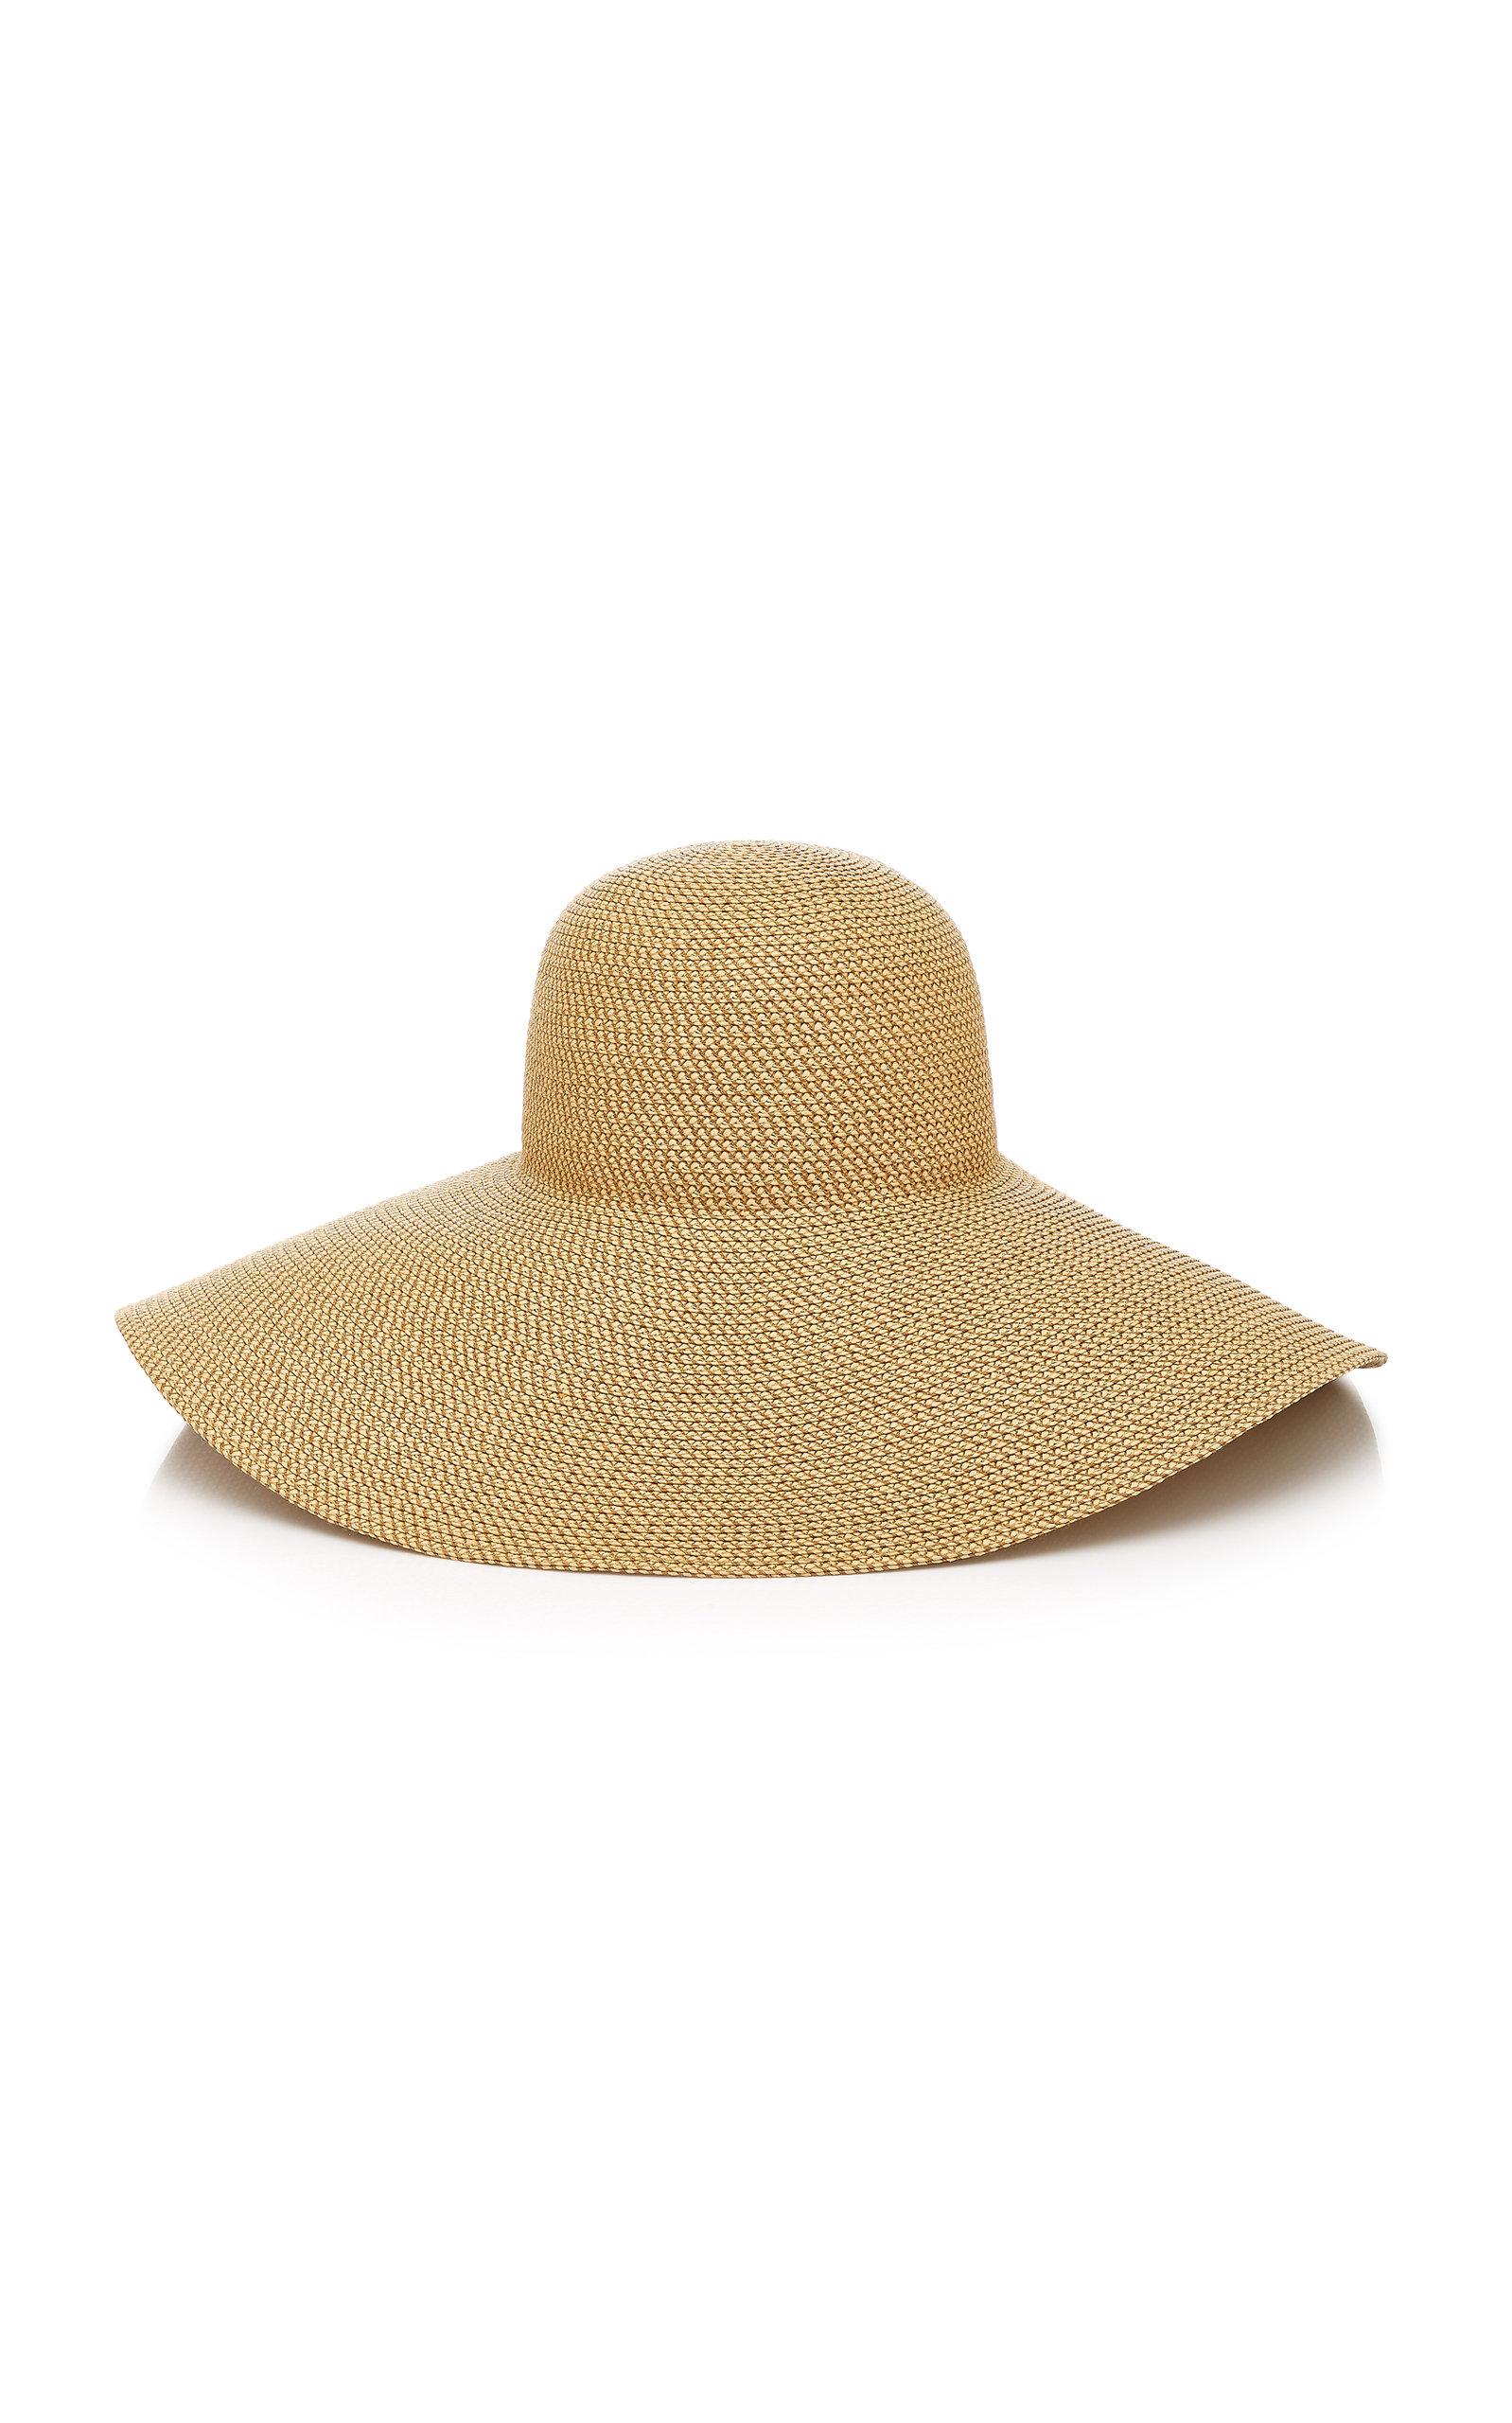 706476948 Floppy Sun Hat, Neutral